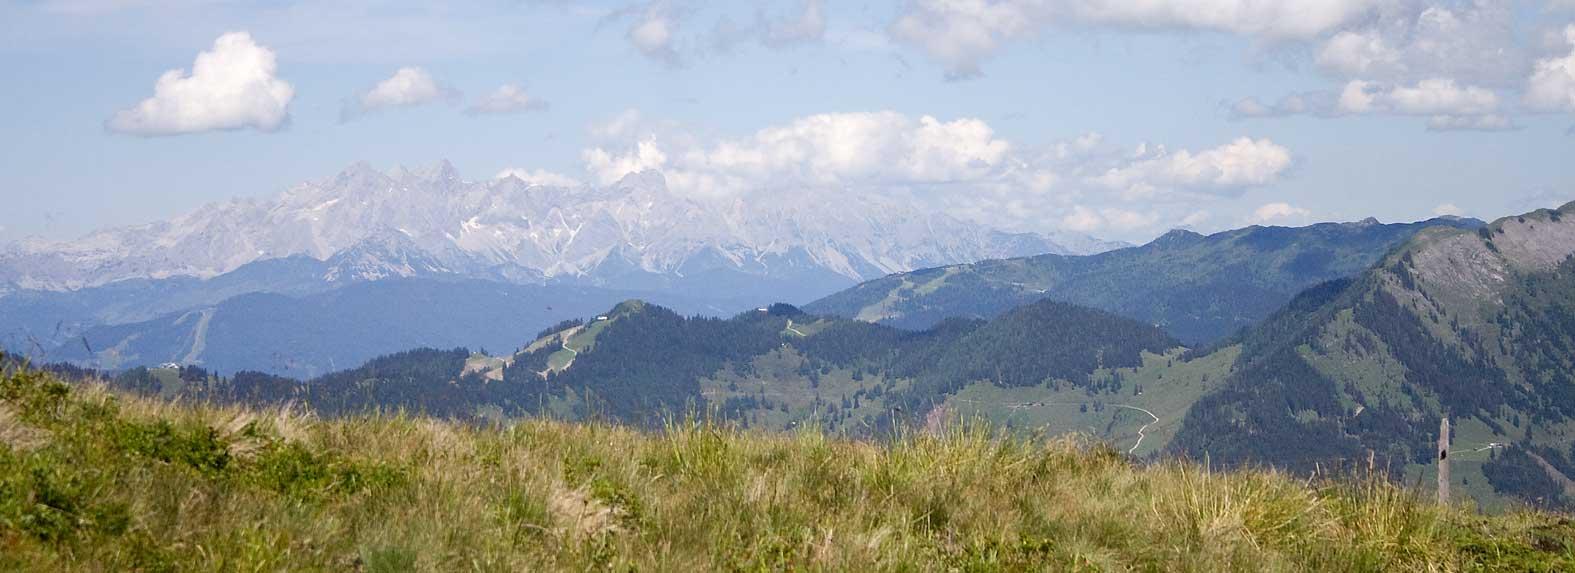 Panorama der Alpen bei Großarl